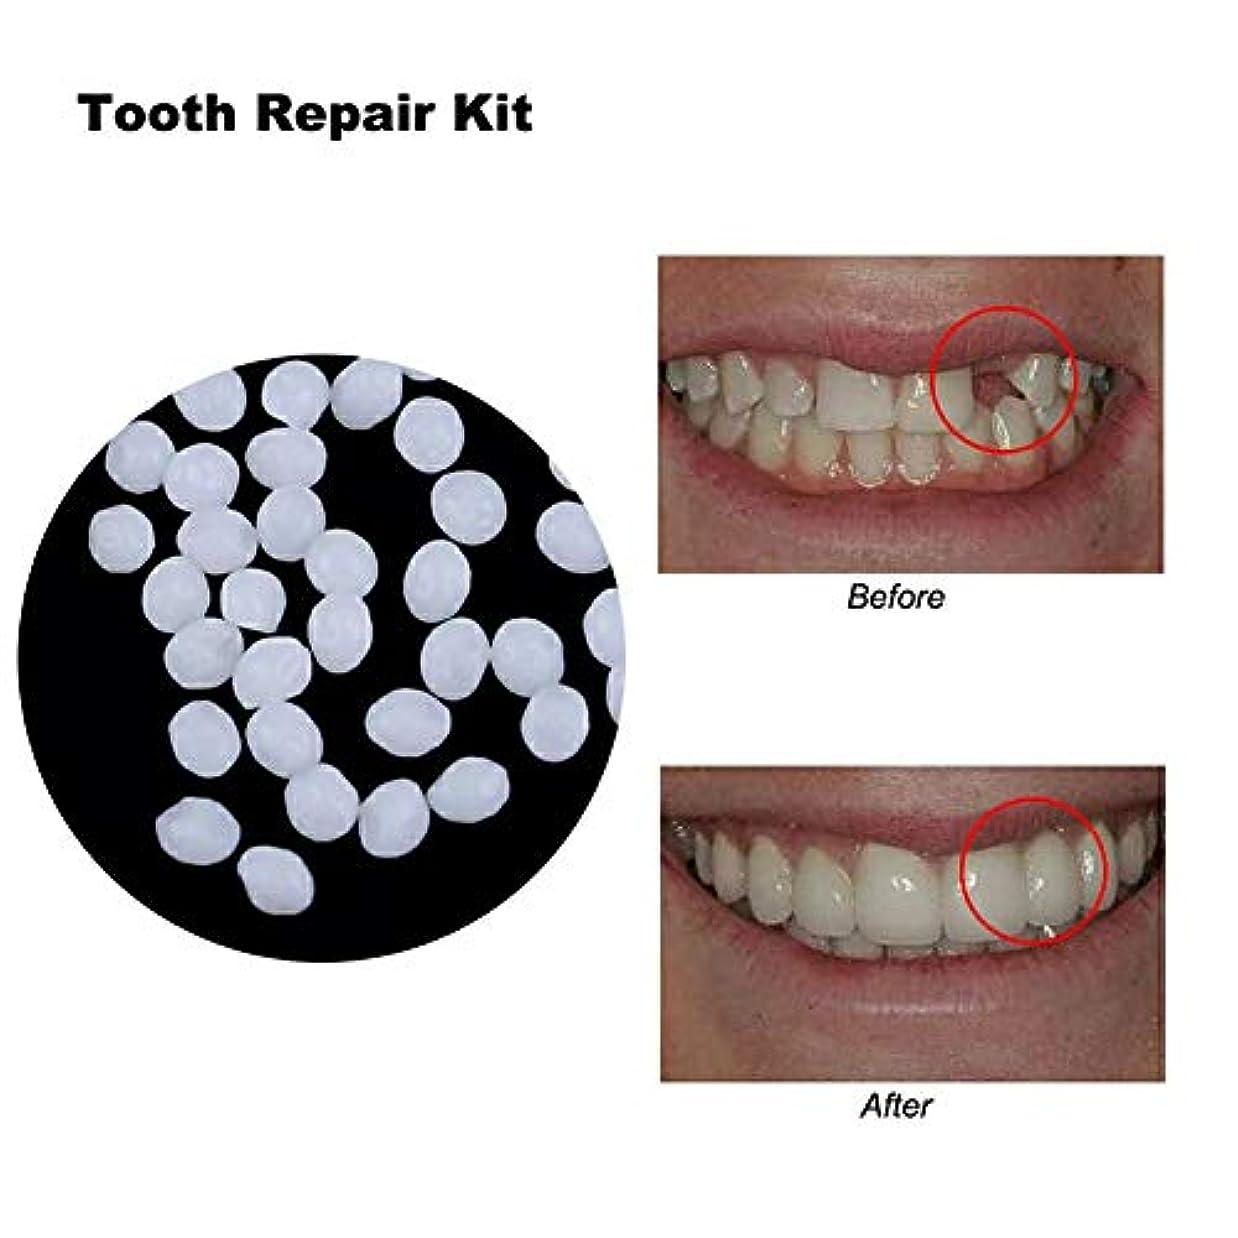 超えて故国香港偽歯固体接着剤、樹脂の歯とギャップのための一時的な化粧品の歯の修復キットクリエイティブ義歯接着剤,10ml14g